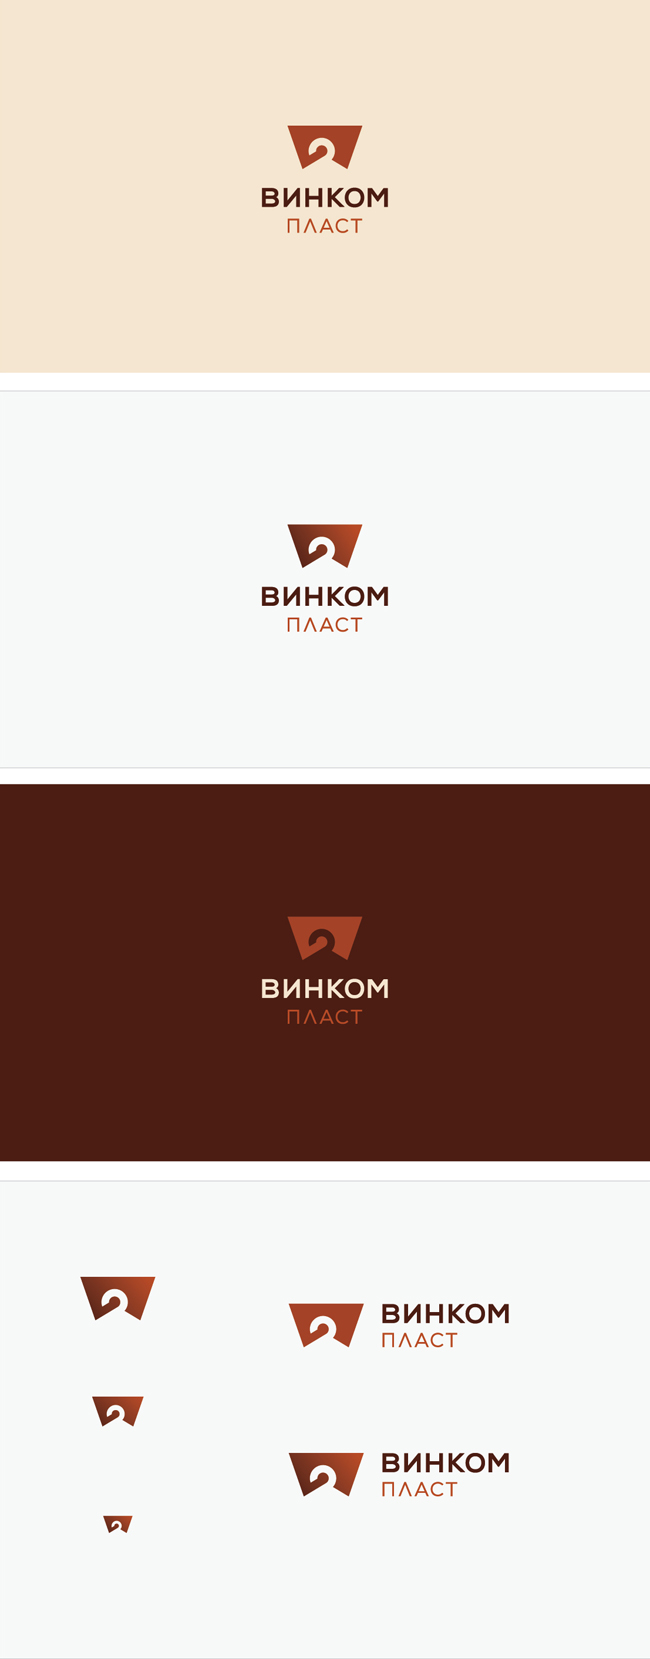 Логотип, фавикон и визитка для компании Винком Пласт  фото f_6875c3c2d15d098b.jpg